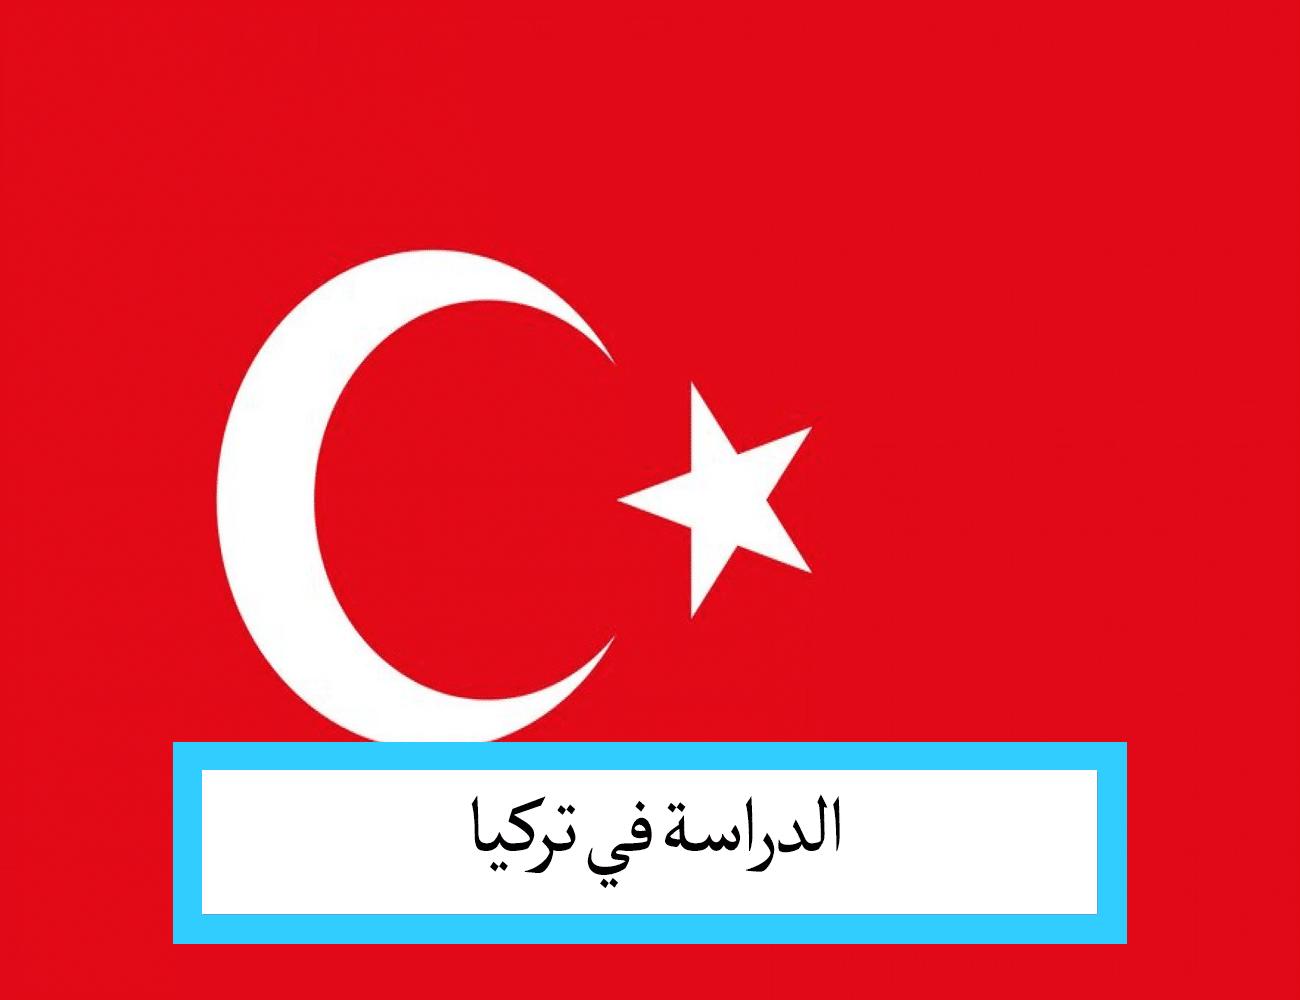 الدراسة في تركيا للمغاربة محج الطلاب لمواصلة التعليم العالي